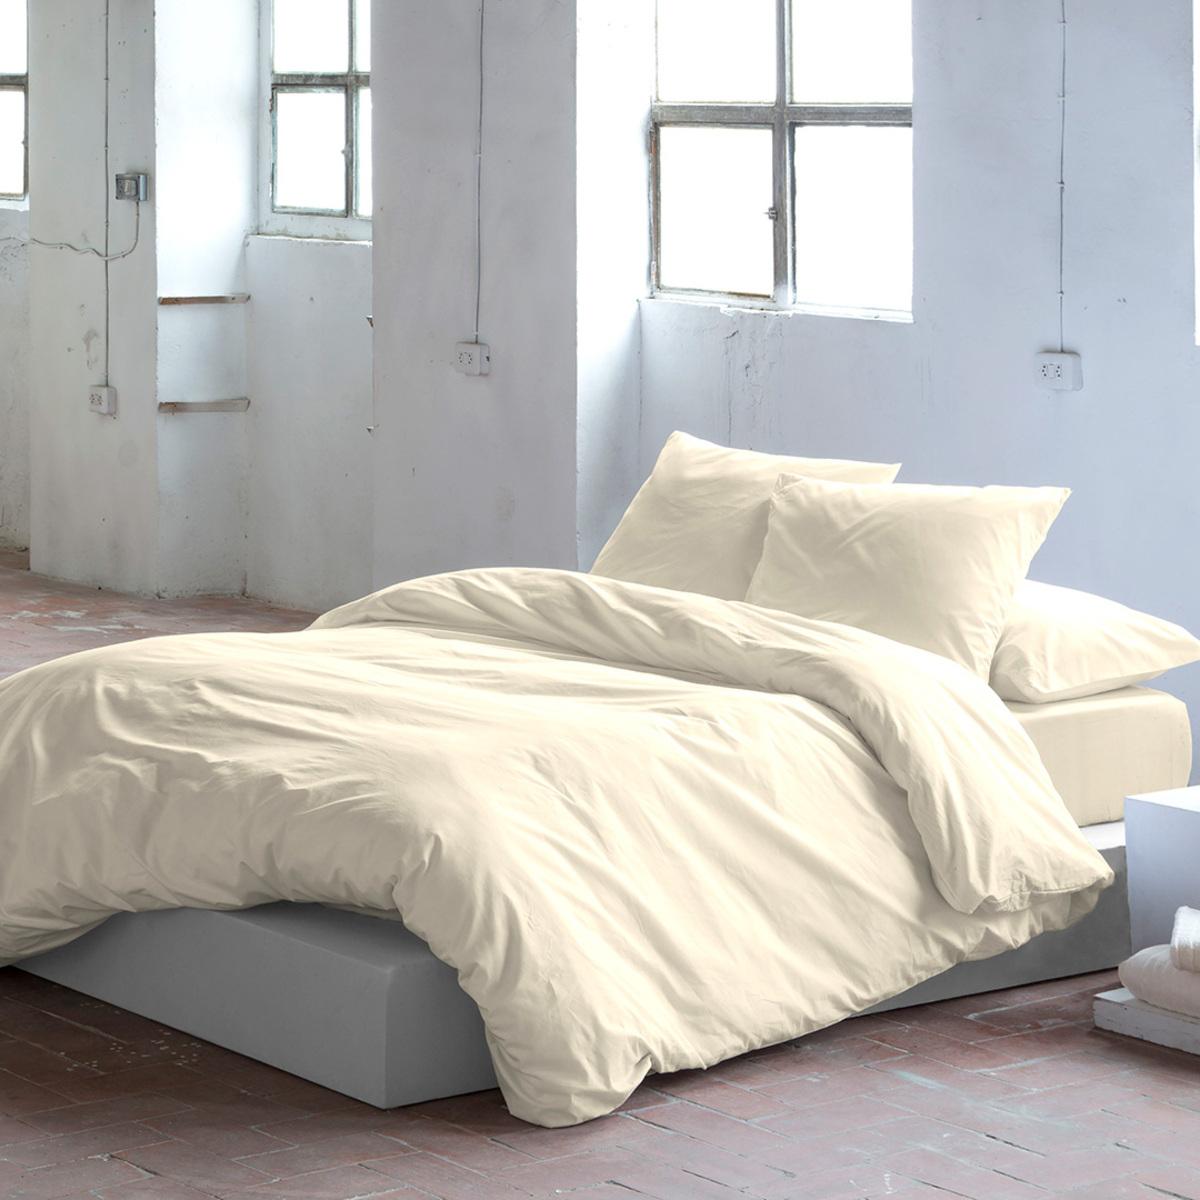 Housse de couette en coton cème 155x220 cm